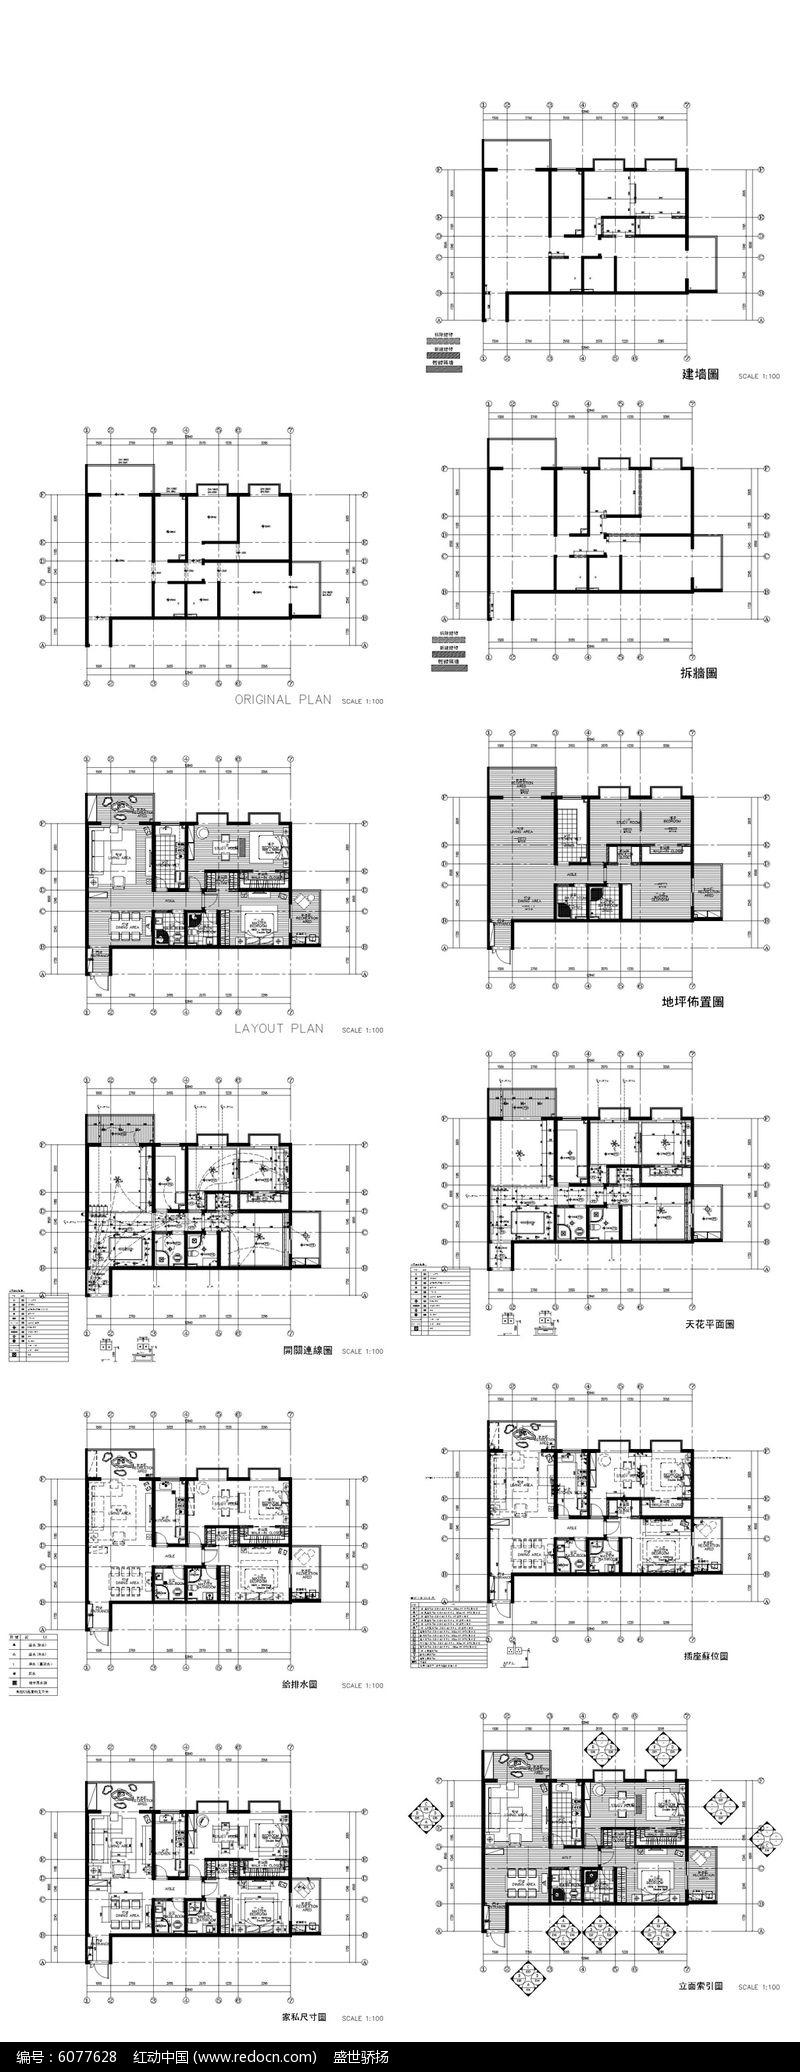 家居家具家装图dwg素材下载_尺寸CAD简易设cad图怎么图纸阻火器画图片